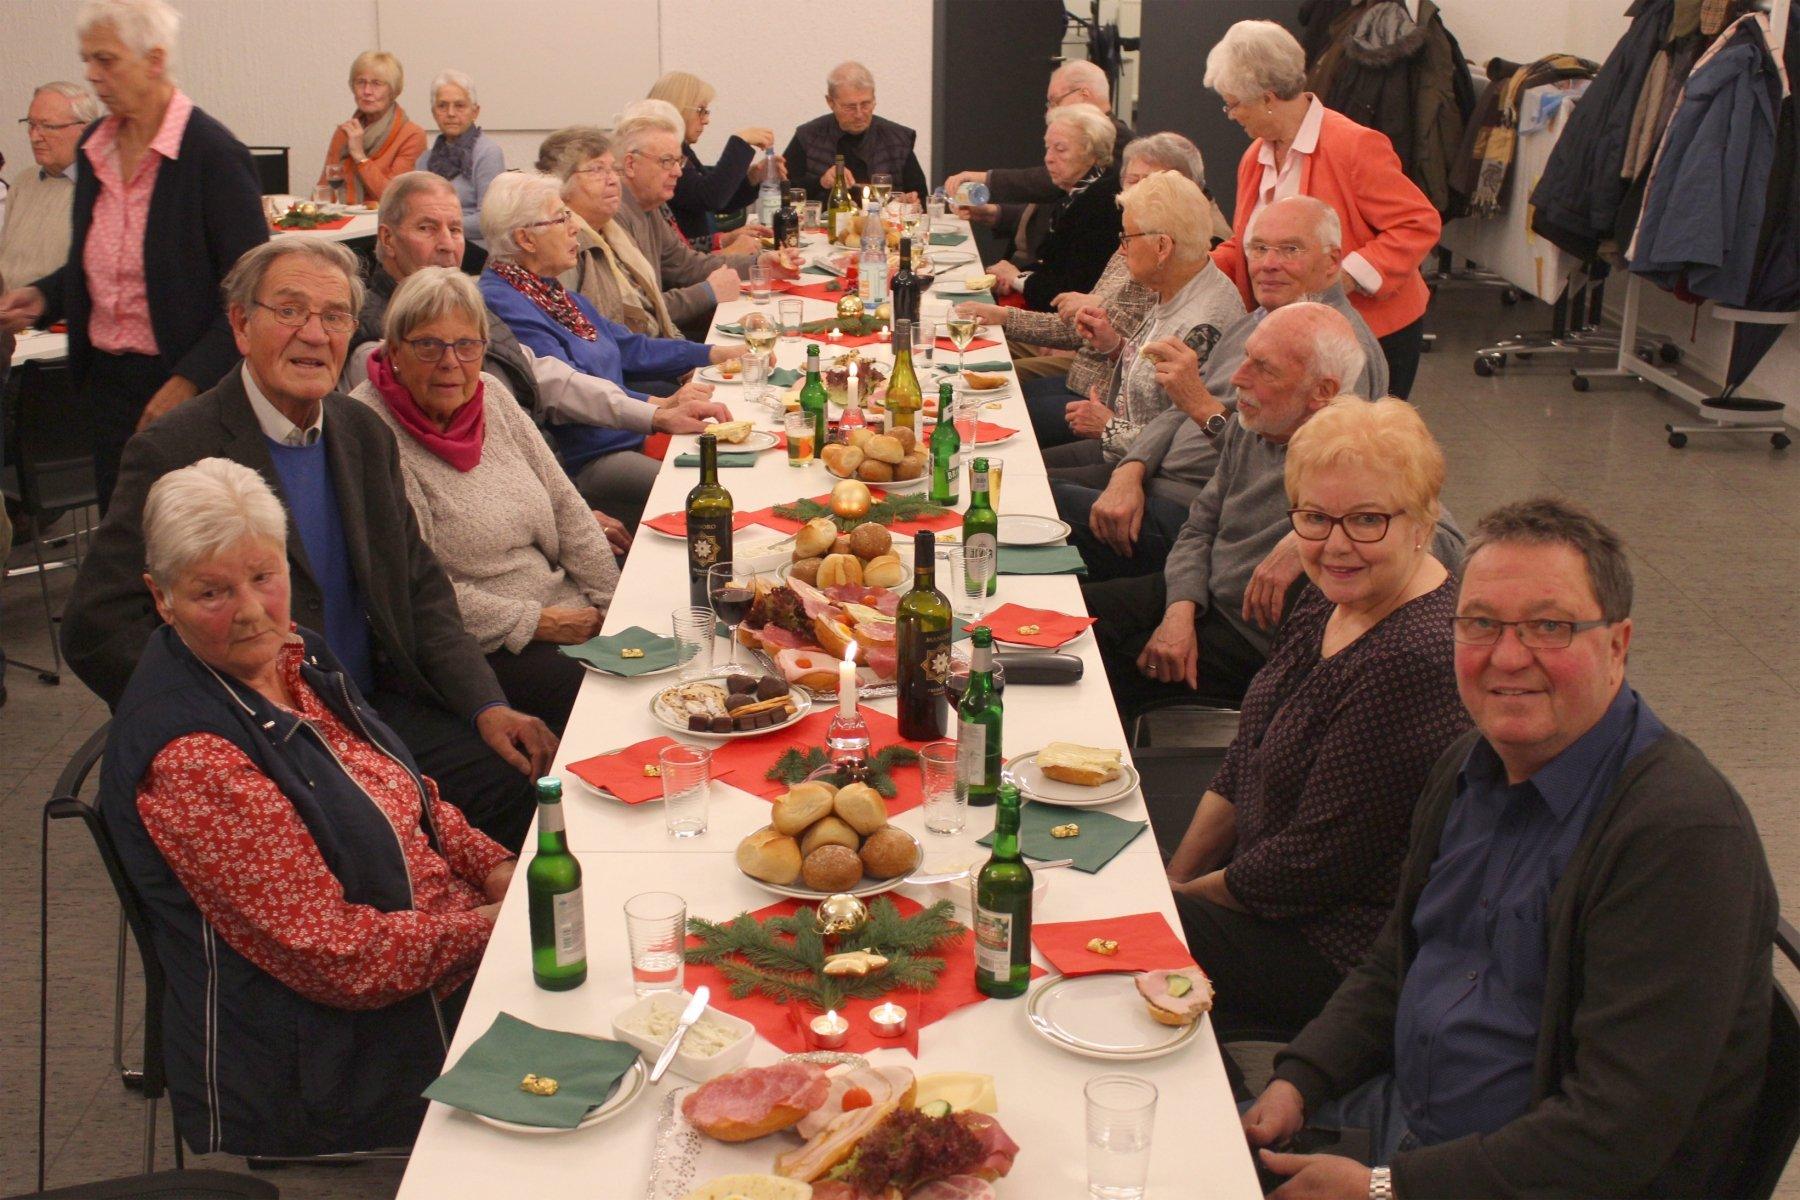 Artikel Weihnachtsfeier.Weihnachtsfeier Der Kab Mit Aus Und Rückblick In Stadtmagazine